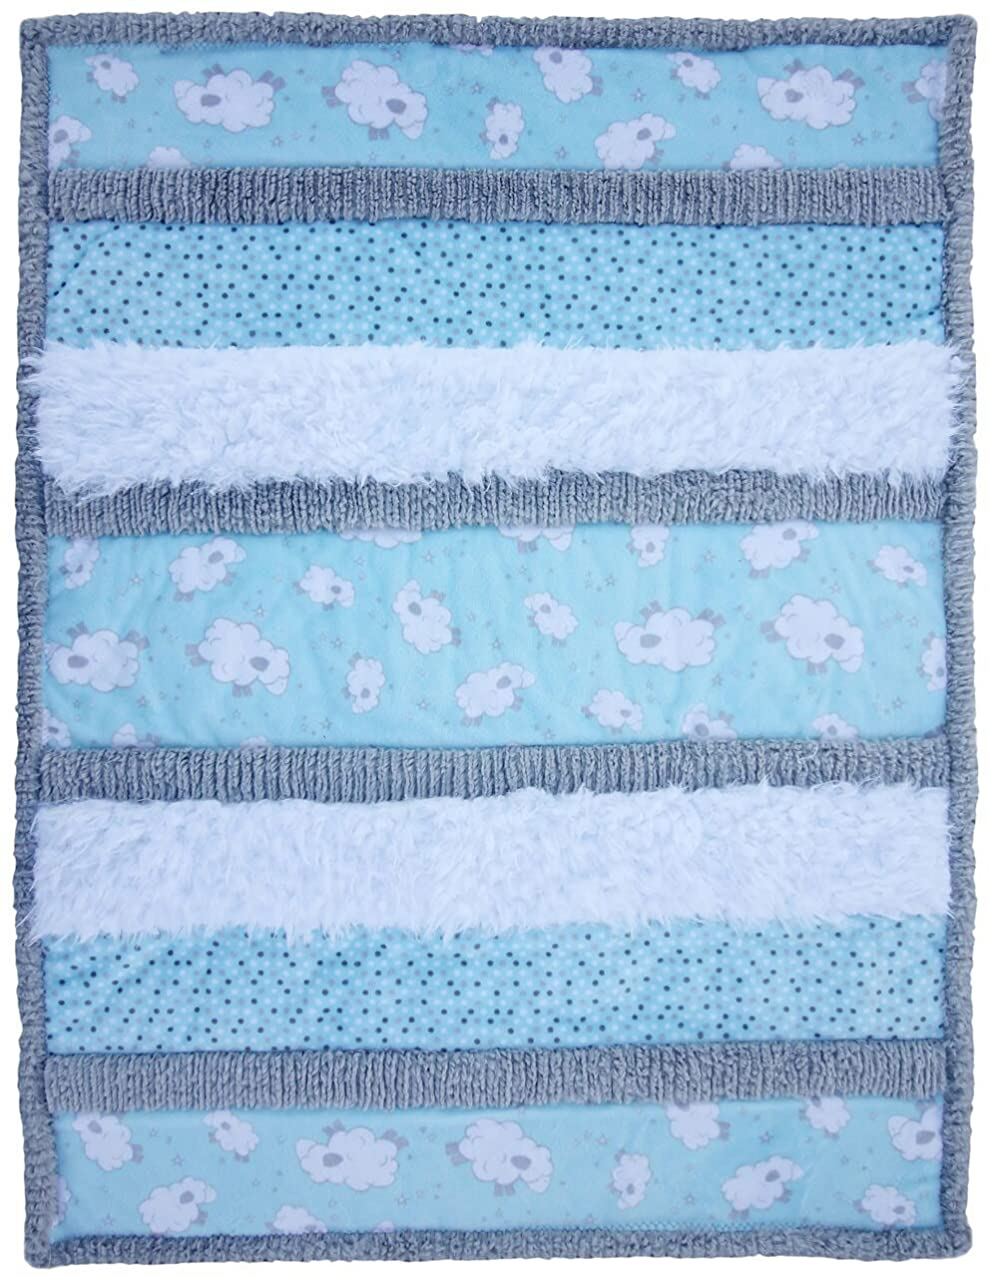 Bambino Sleepytime Cuddle Kit Quilt Kit Shannon Fabrics